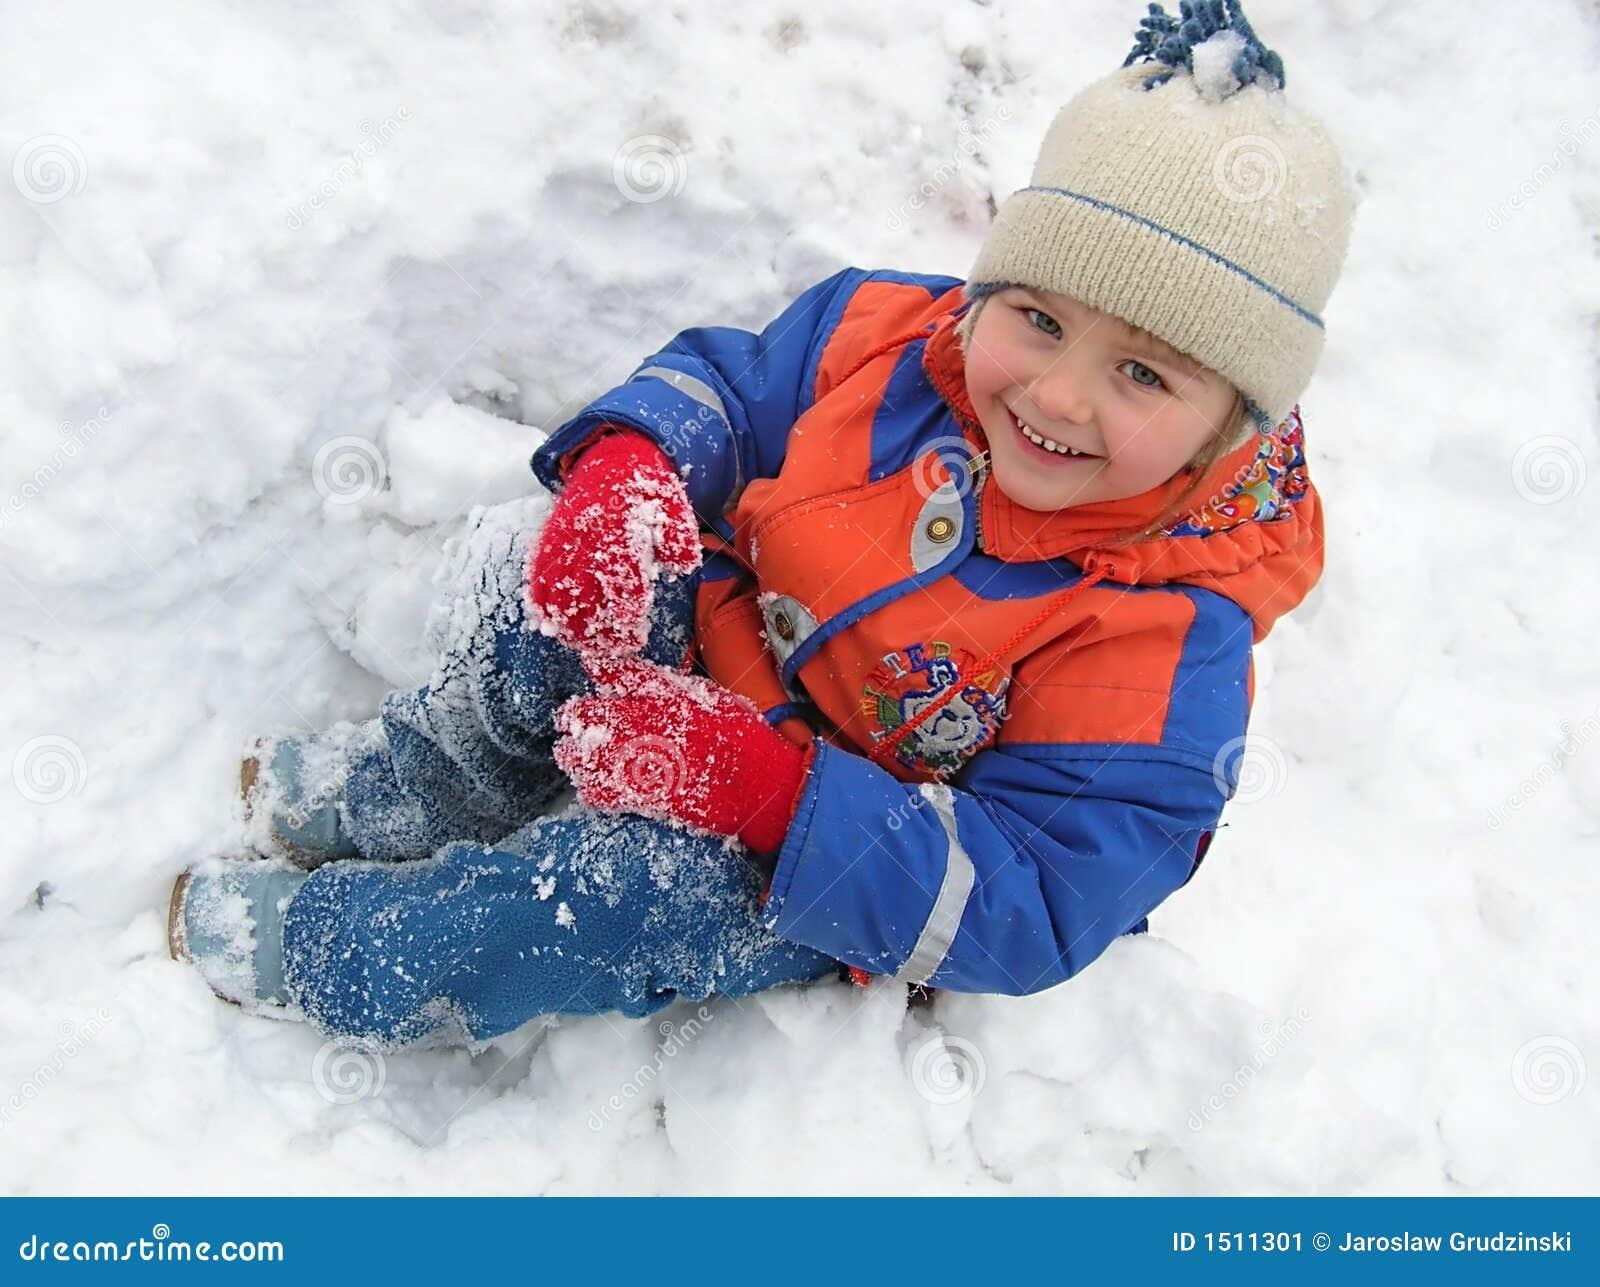 Zima zabawy